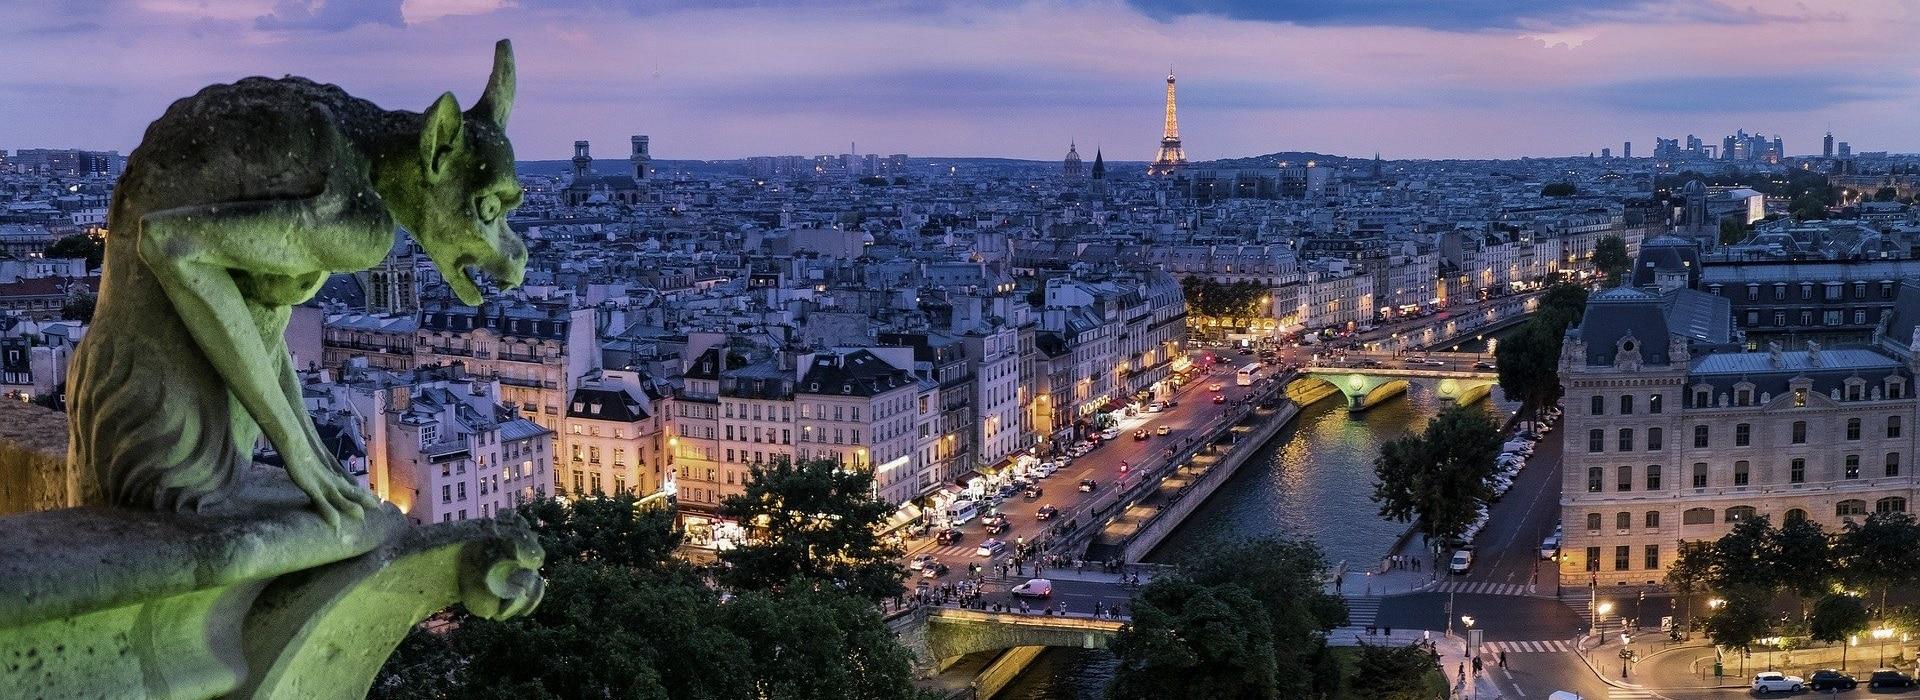 Frankreich Header